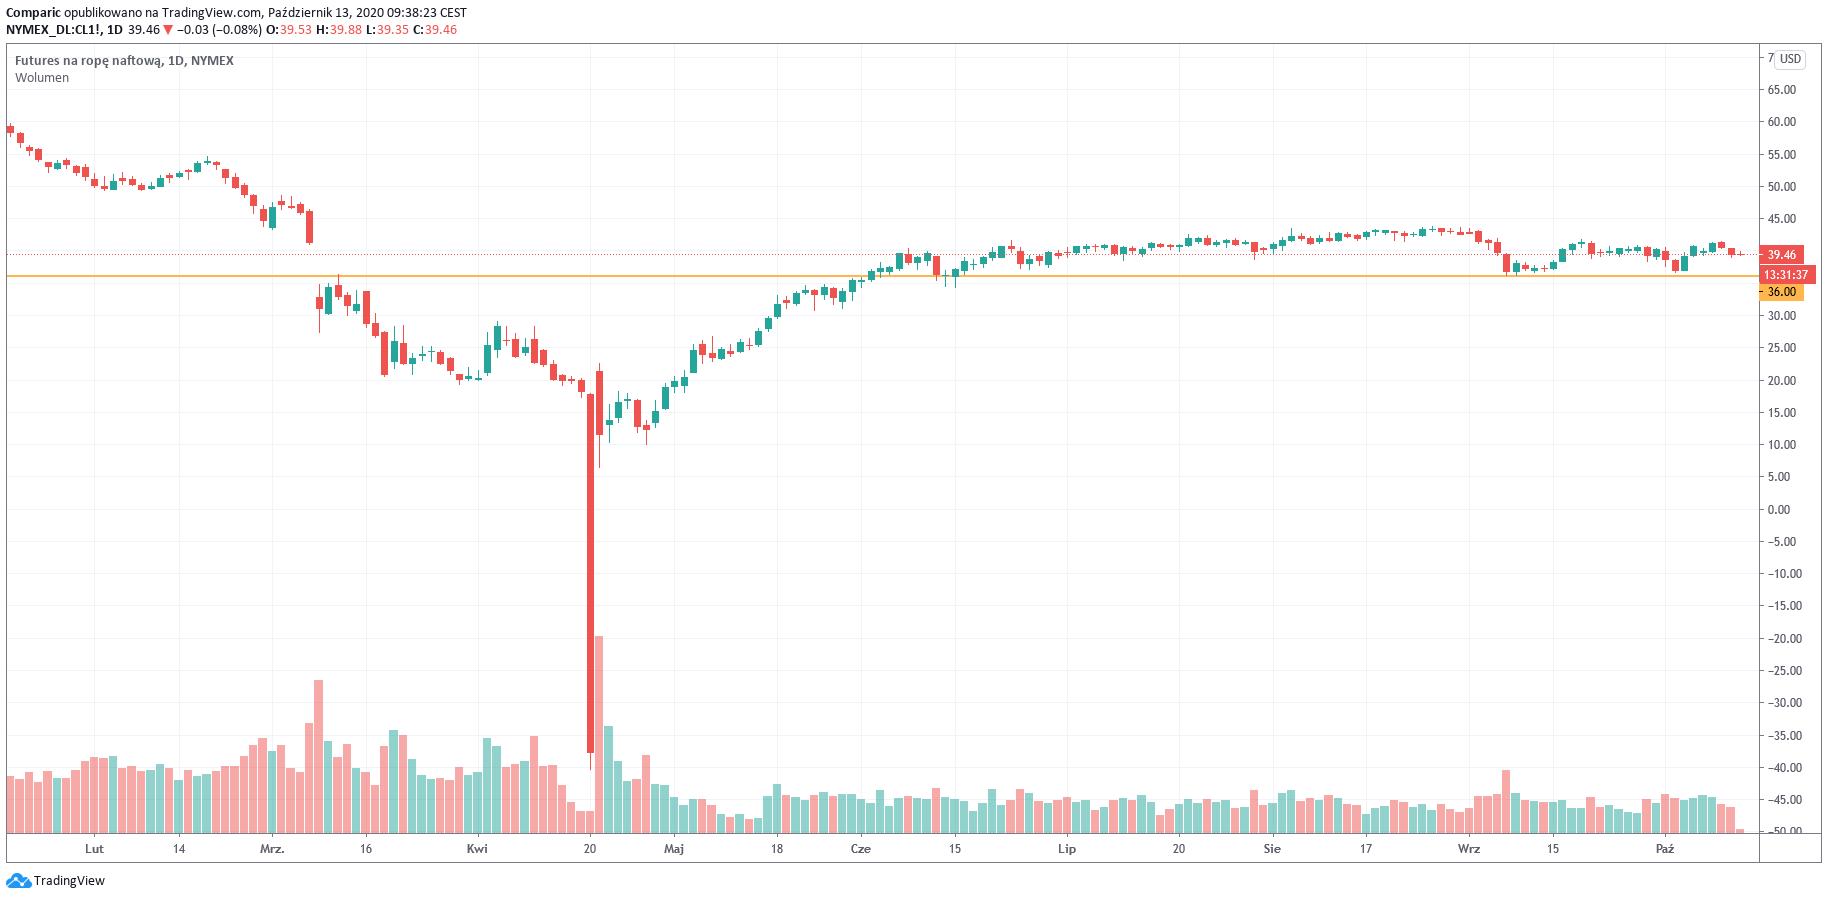 Cena ropy spada 3. dzień z rzędu. Czy OPEC+ zwiększy redukcje wydobycia?